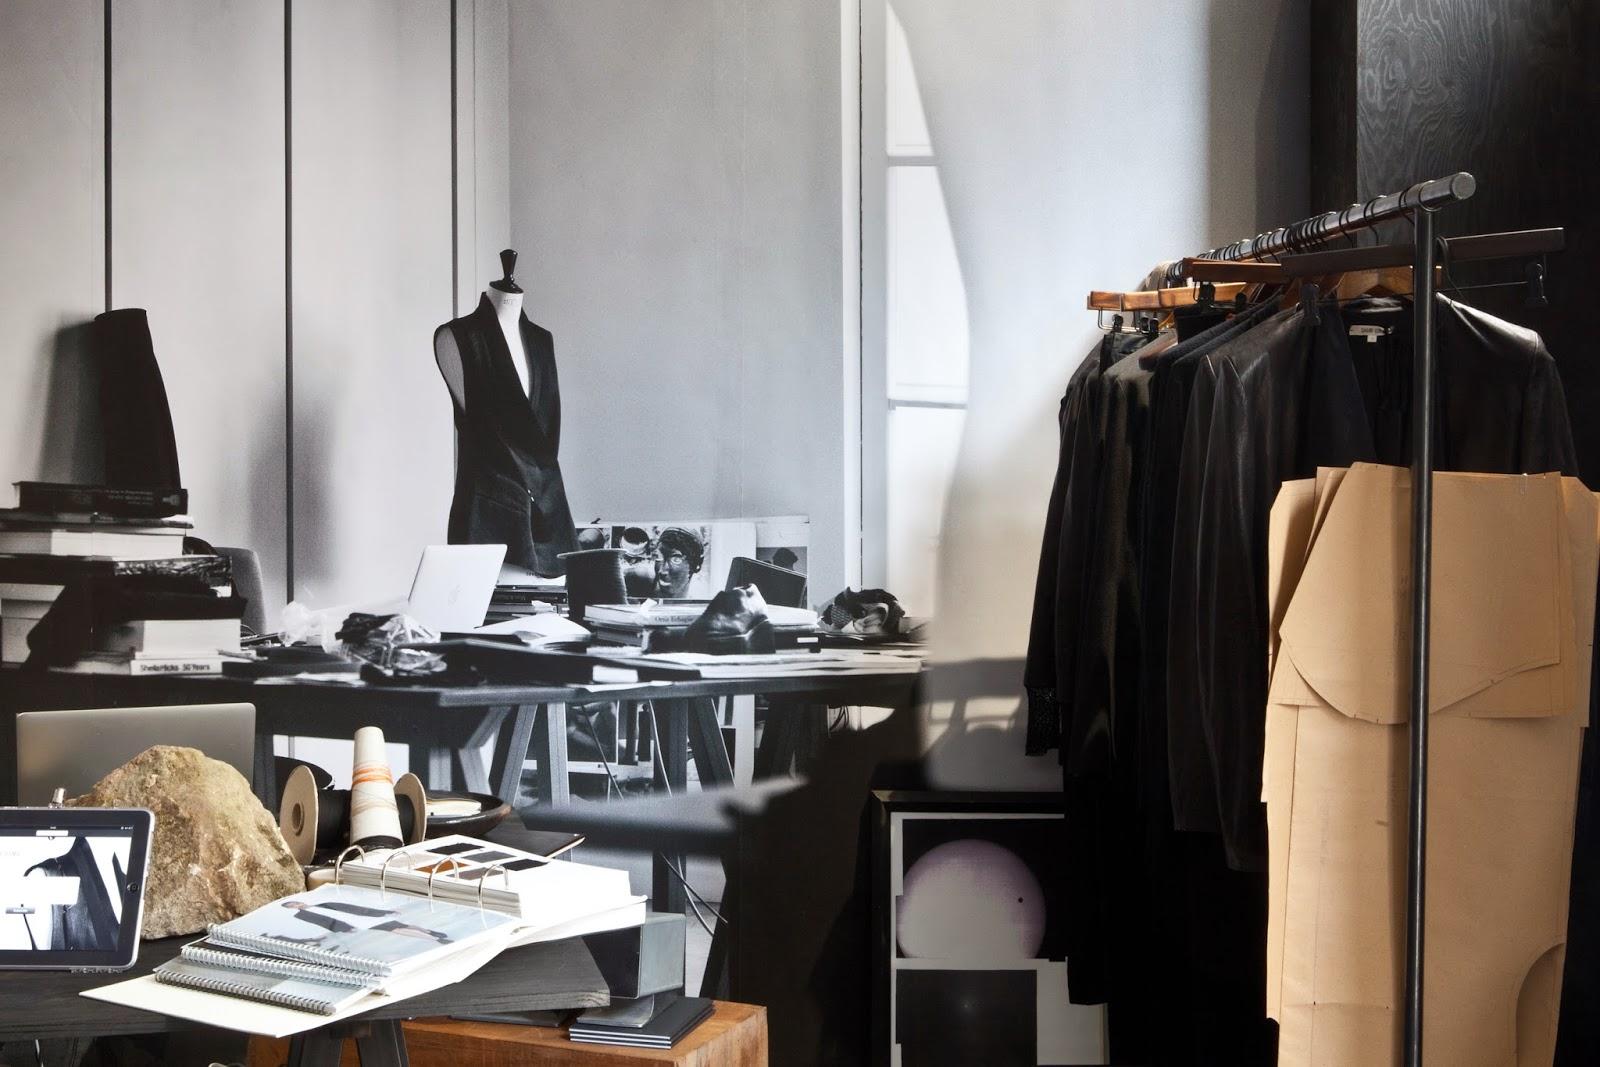 atelier projektanta odzieży